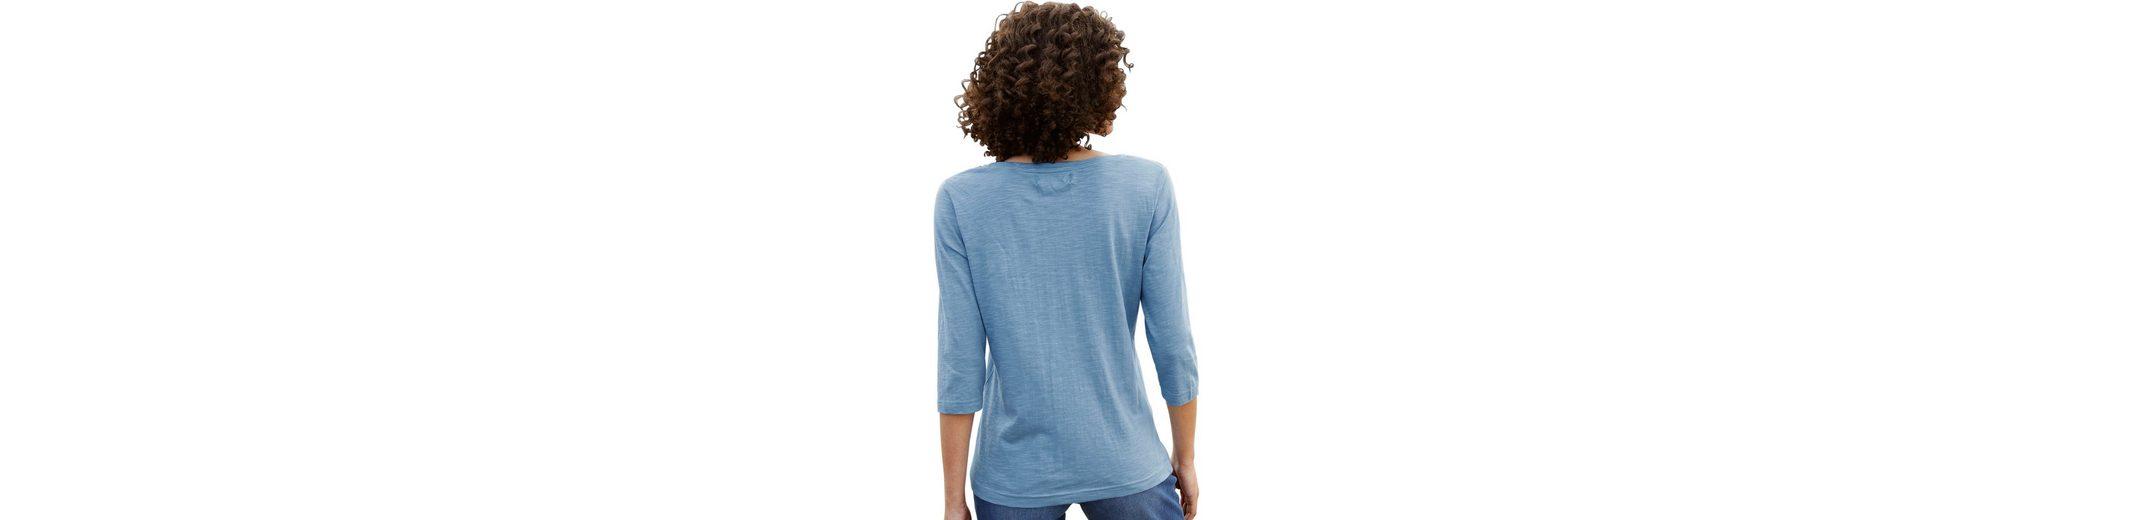 Collection L. Shirt mit 3/4-lange Ärmel Rabatte Spielraum Heißen Verkauf Preise Online-Verkauf Von Freiem Verschiffen Des Porzellans Rabatt Günstigsten Preis FhLLzNtN8u